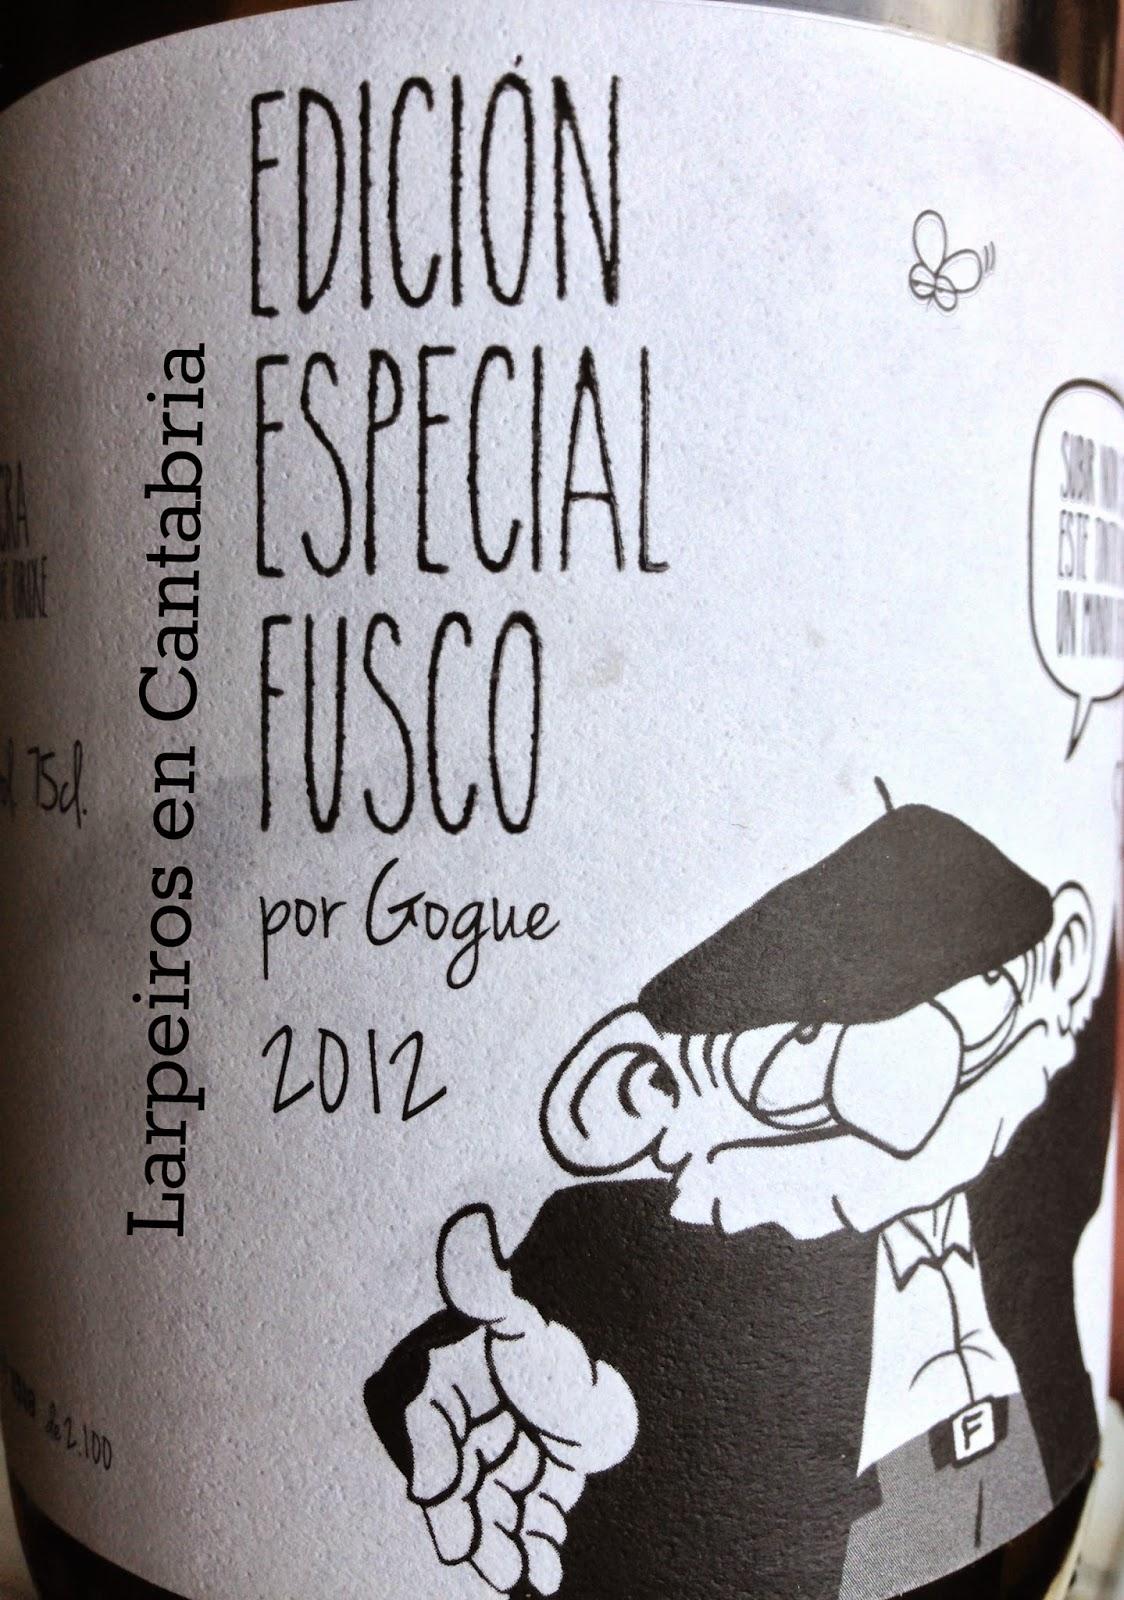 Vino Tinto Fusco Floreano 2012: Edición especial de Xurxo